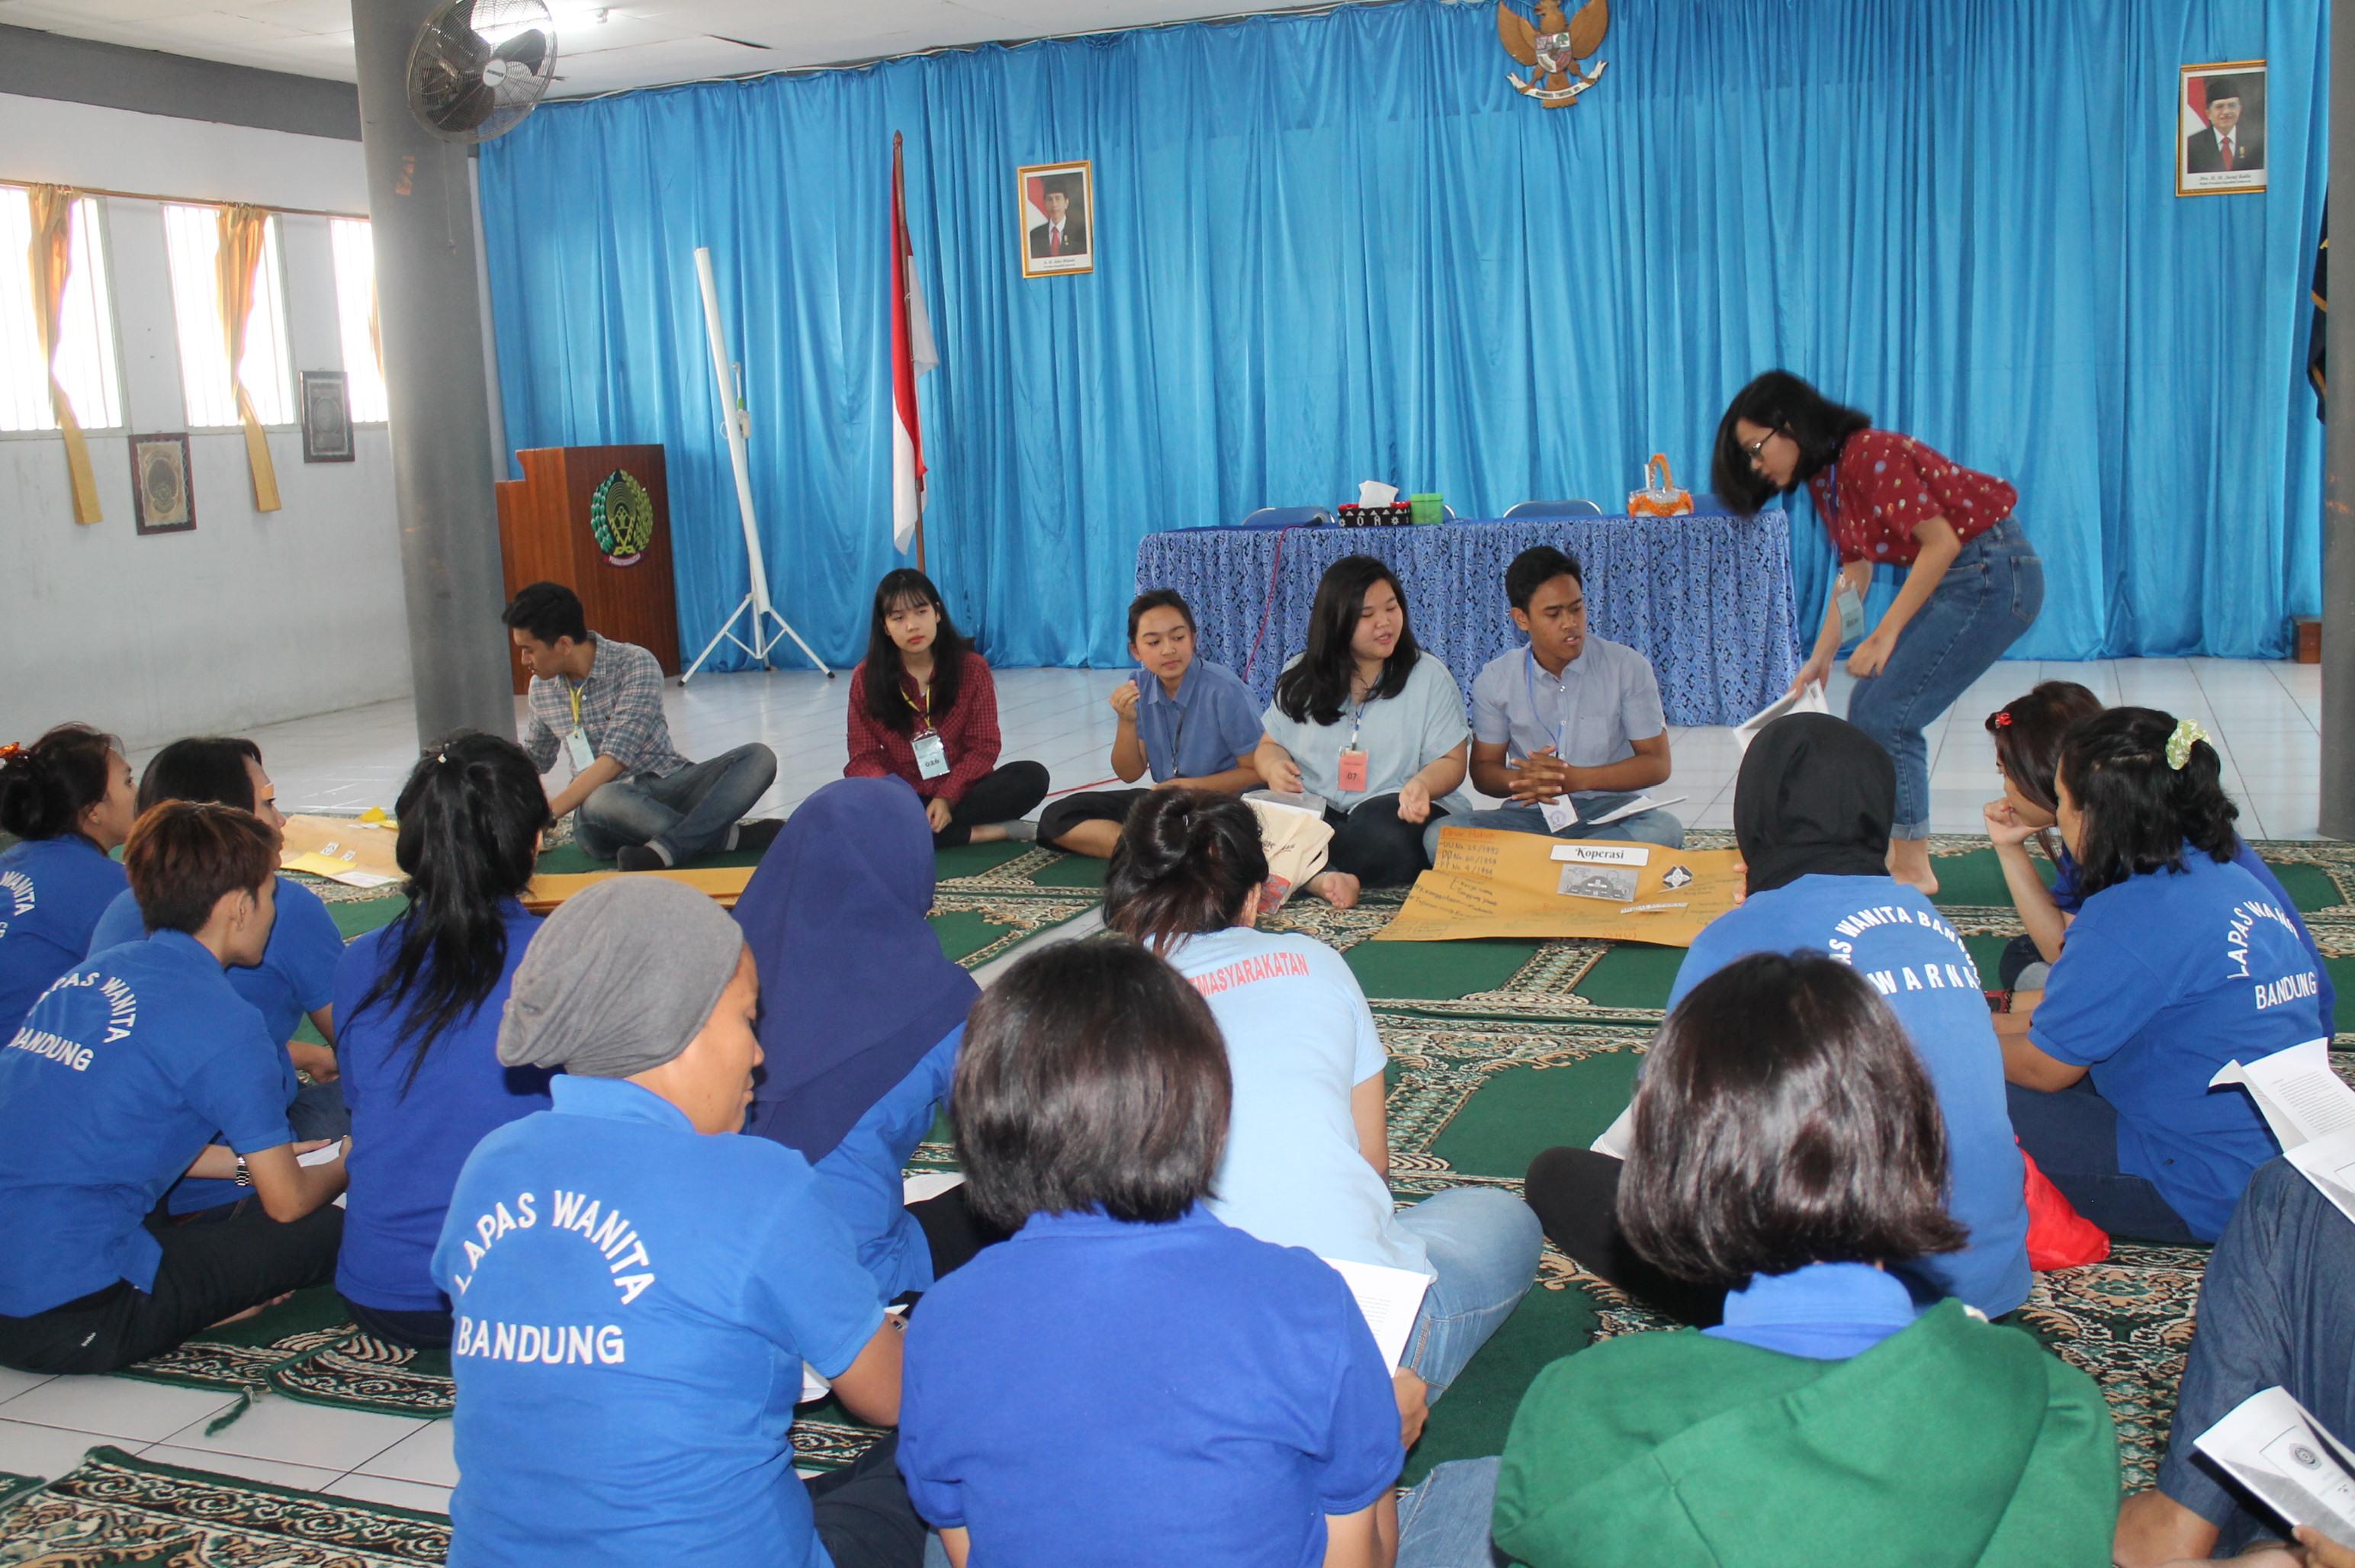 """Penyuluhan Hukum """"Pengaturan Koperasi Simpan Pinjam sebagai Badan Hukum di Indonesia"""" di Lembaga Pemasyarakatan Klas II Bandung"""